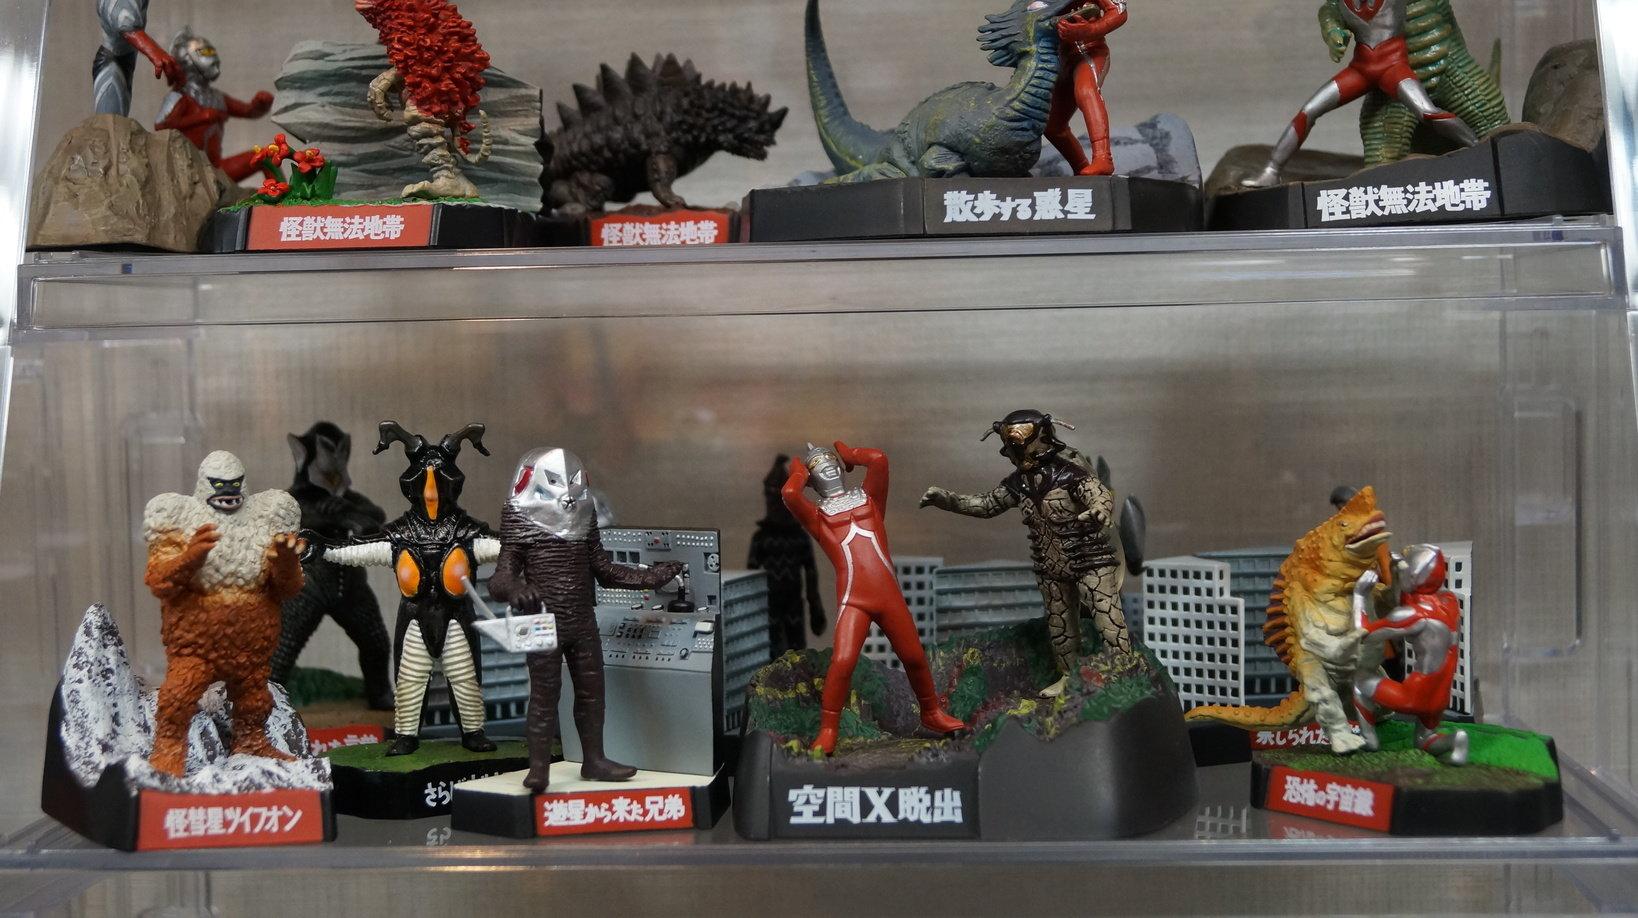 映画やドラマのシーンを再現したジオラマ風の展示が多く、怪獣好きならワクワクします